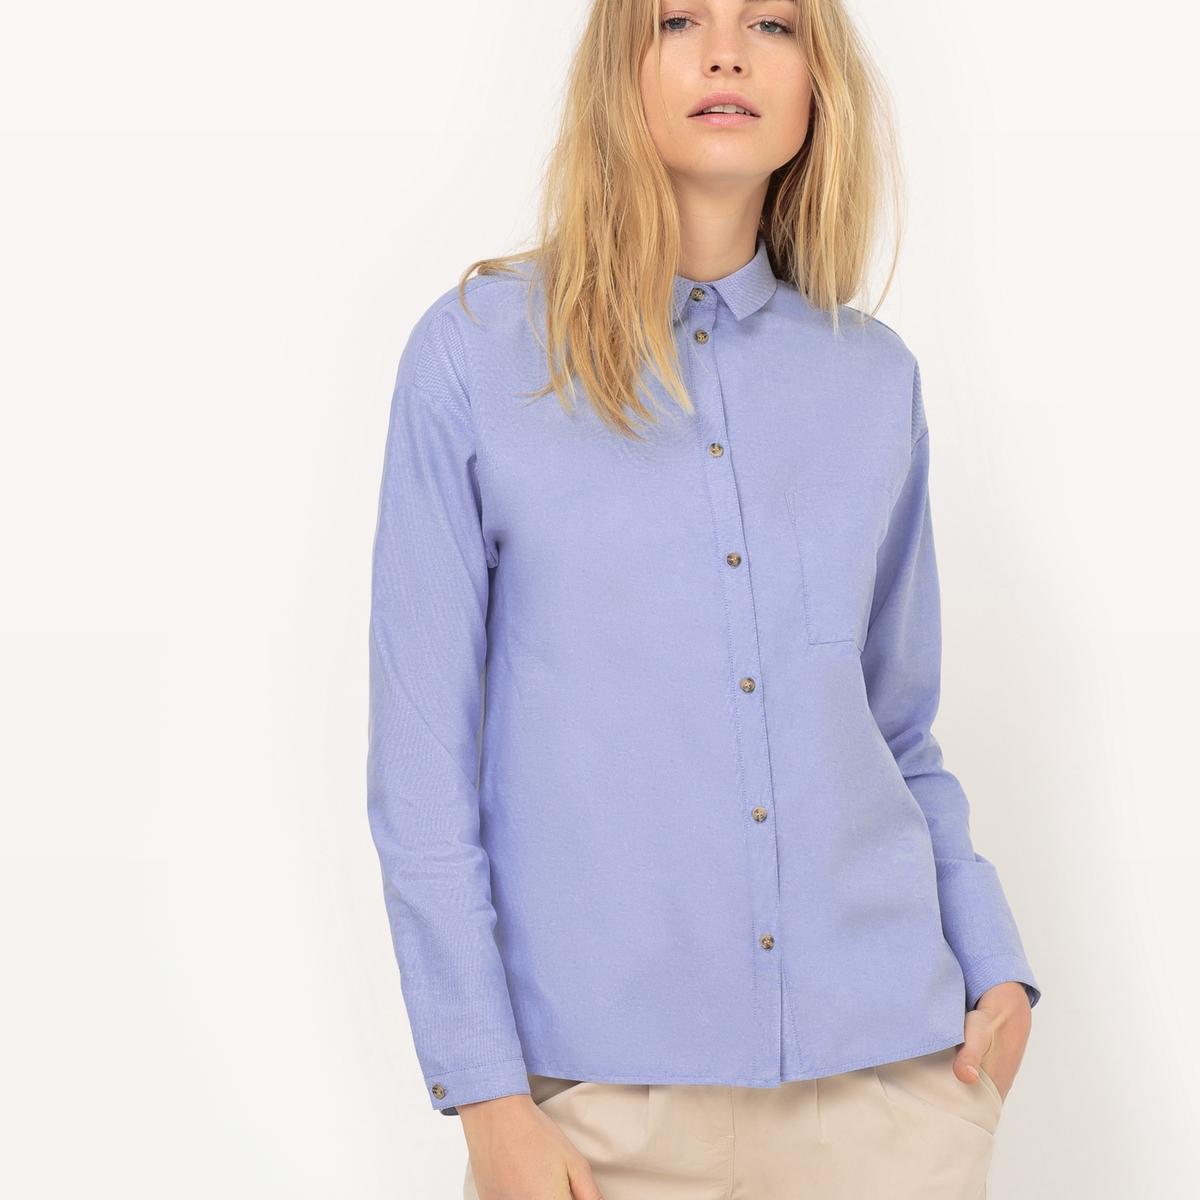 Рубашка-оксфордДетали  •  Длинные рукава •  Прямой покрой  •  Воротник-поло, рубашечный Состав и уход •  100% хлопок  •  Следуйте советам по уходу, указанным на этикетке<br><br>Цвет: синий меланж<br>Размер: 52 (FR) - 58 (RUS).36 (FR) - 42 (RUS)